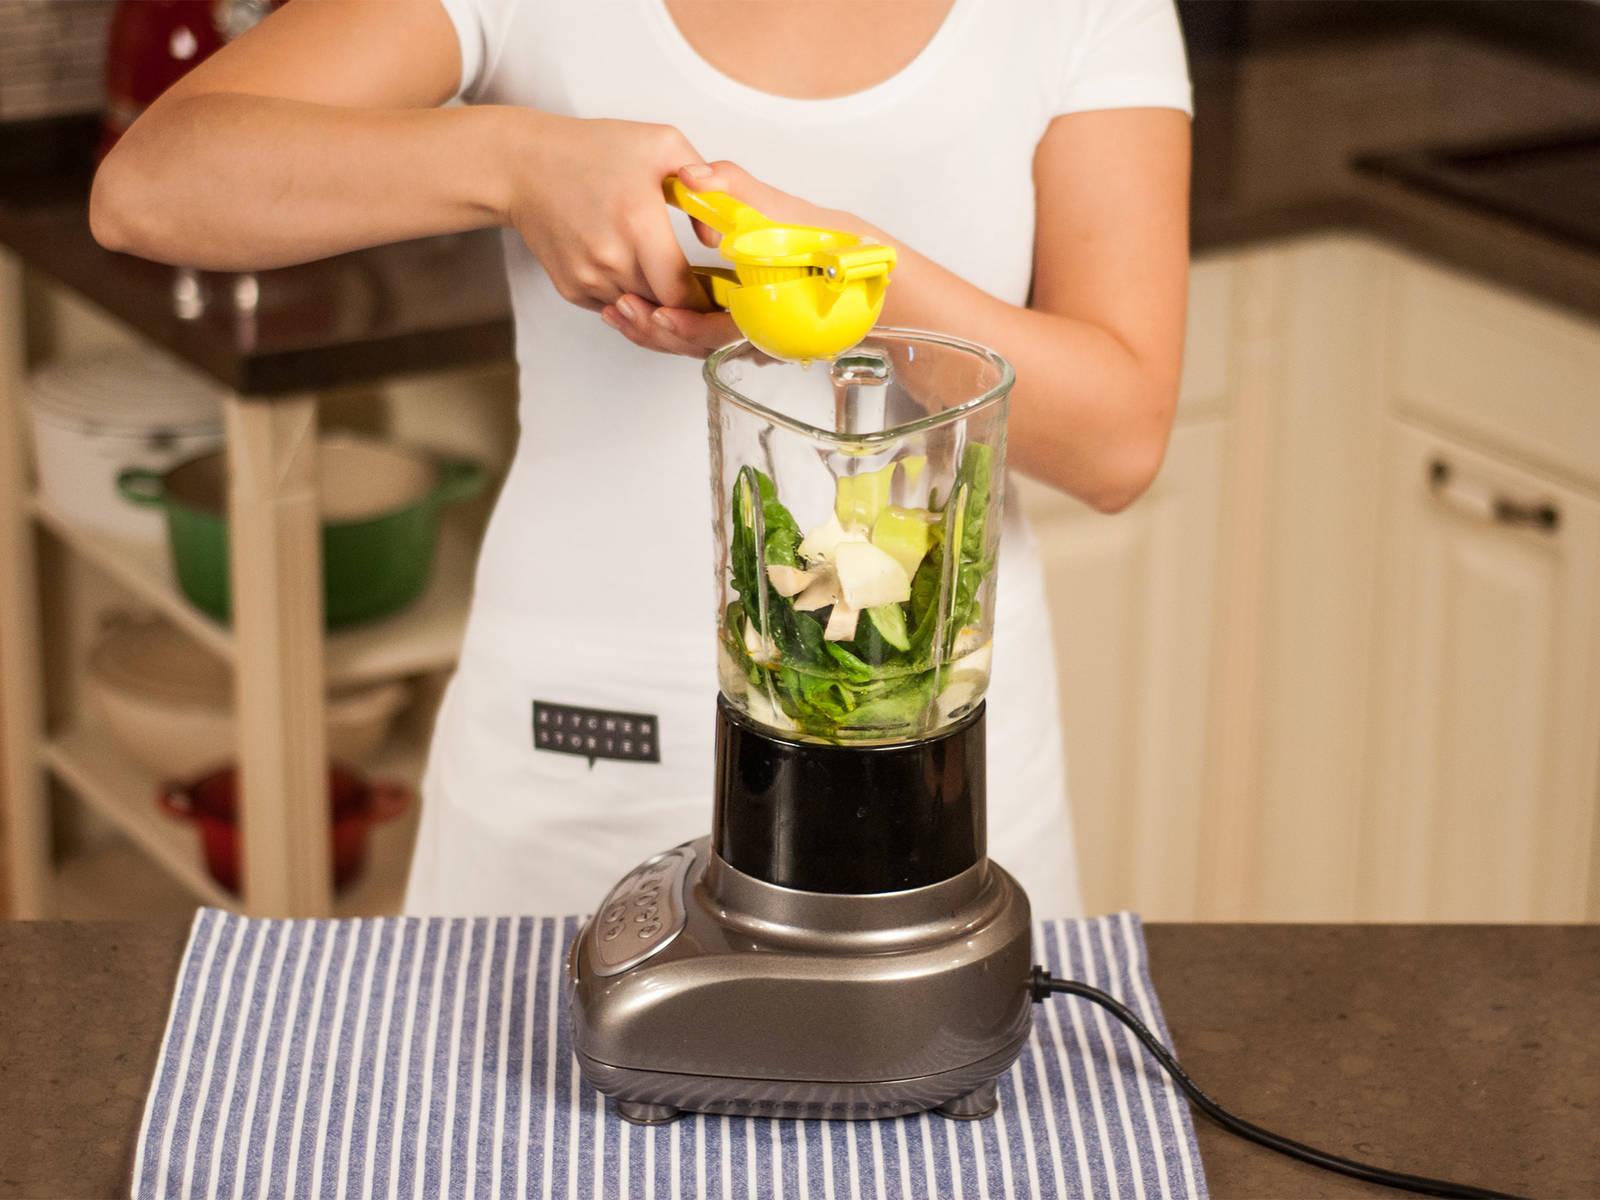 Gemüse und Obst in den Mixer geben. Agavendicksaft, Leinsamenöl, Zitronensaft und Wasser hinzugeben